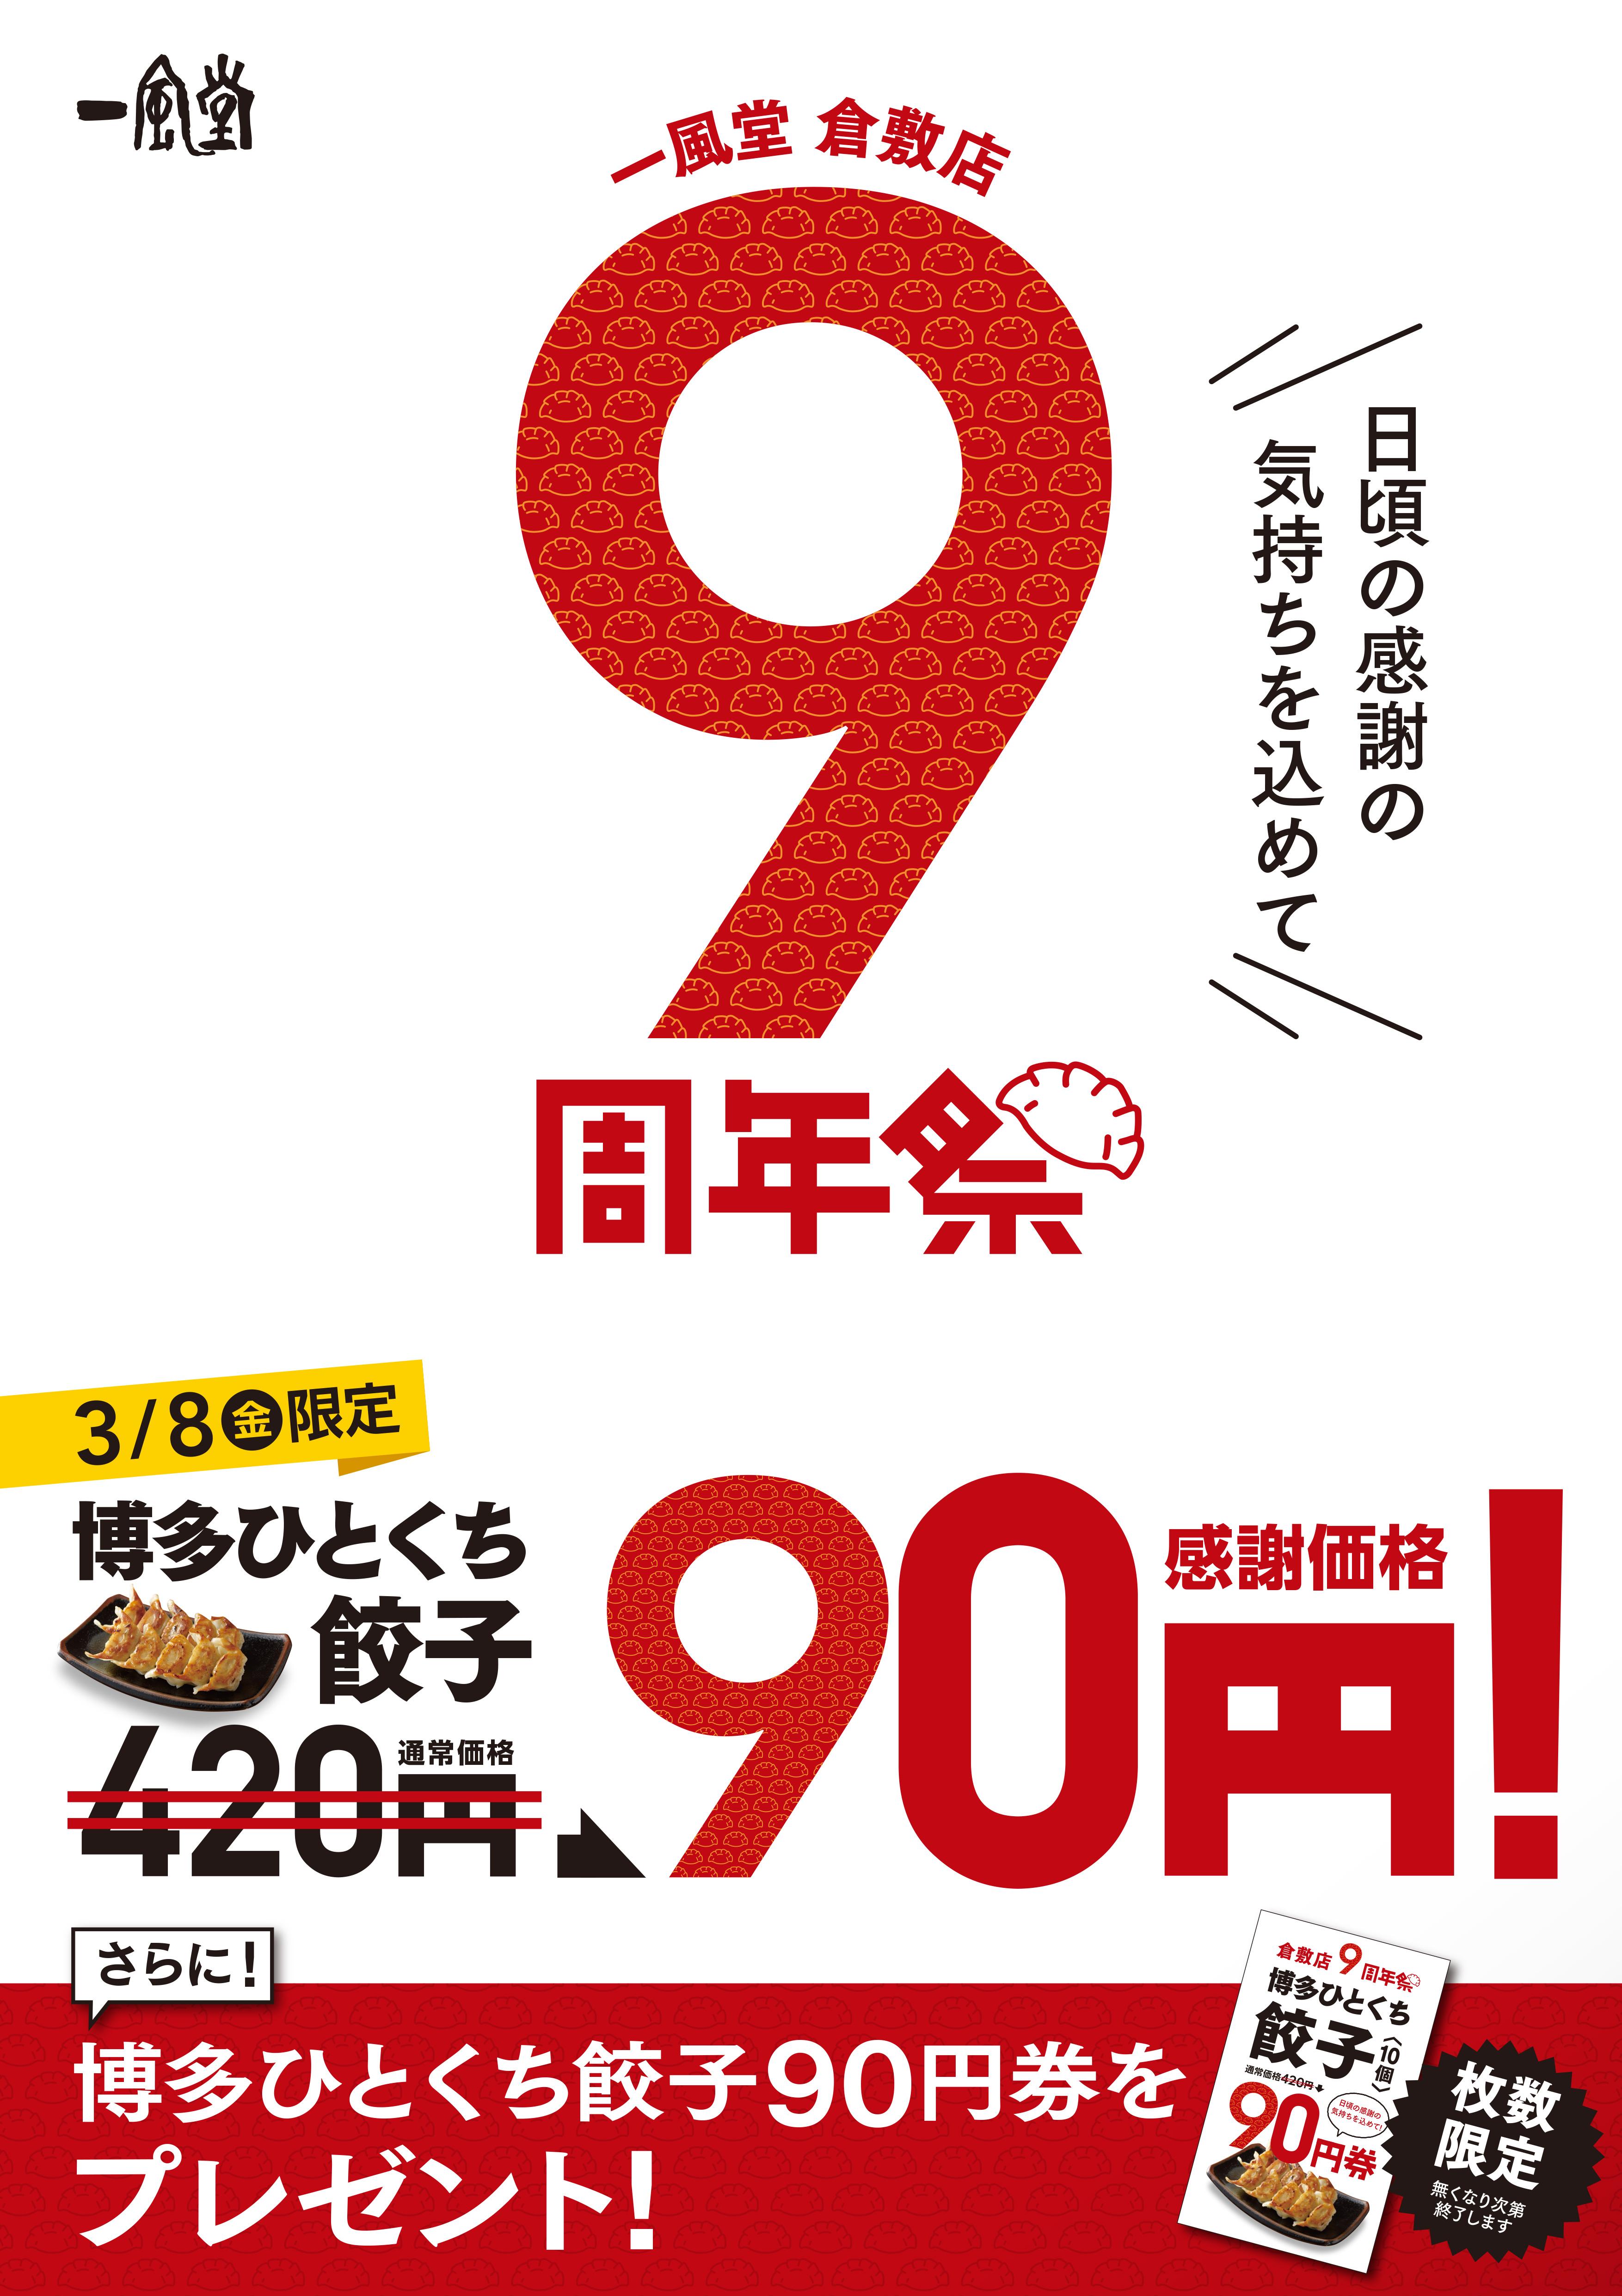 190228_倉敷_9周年ポスターA1